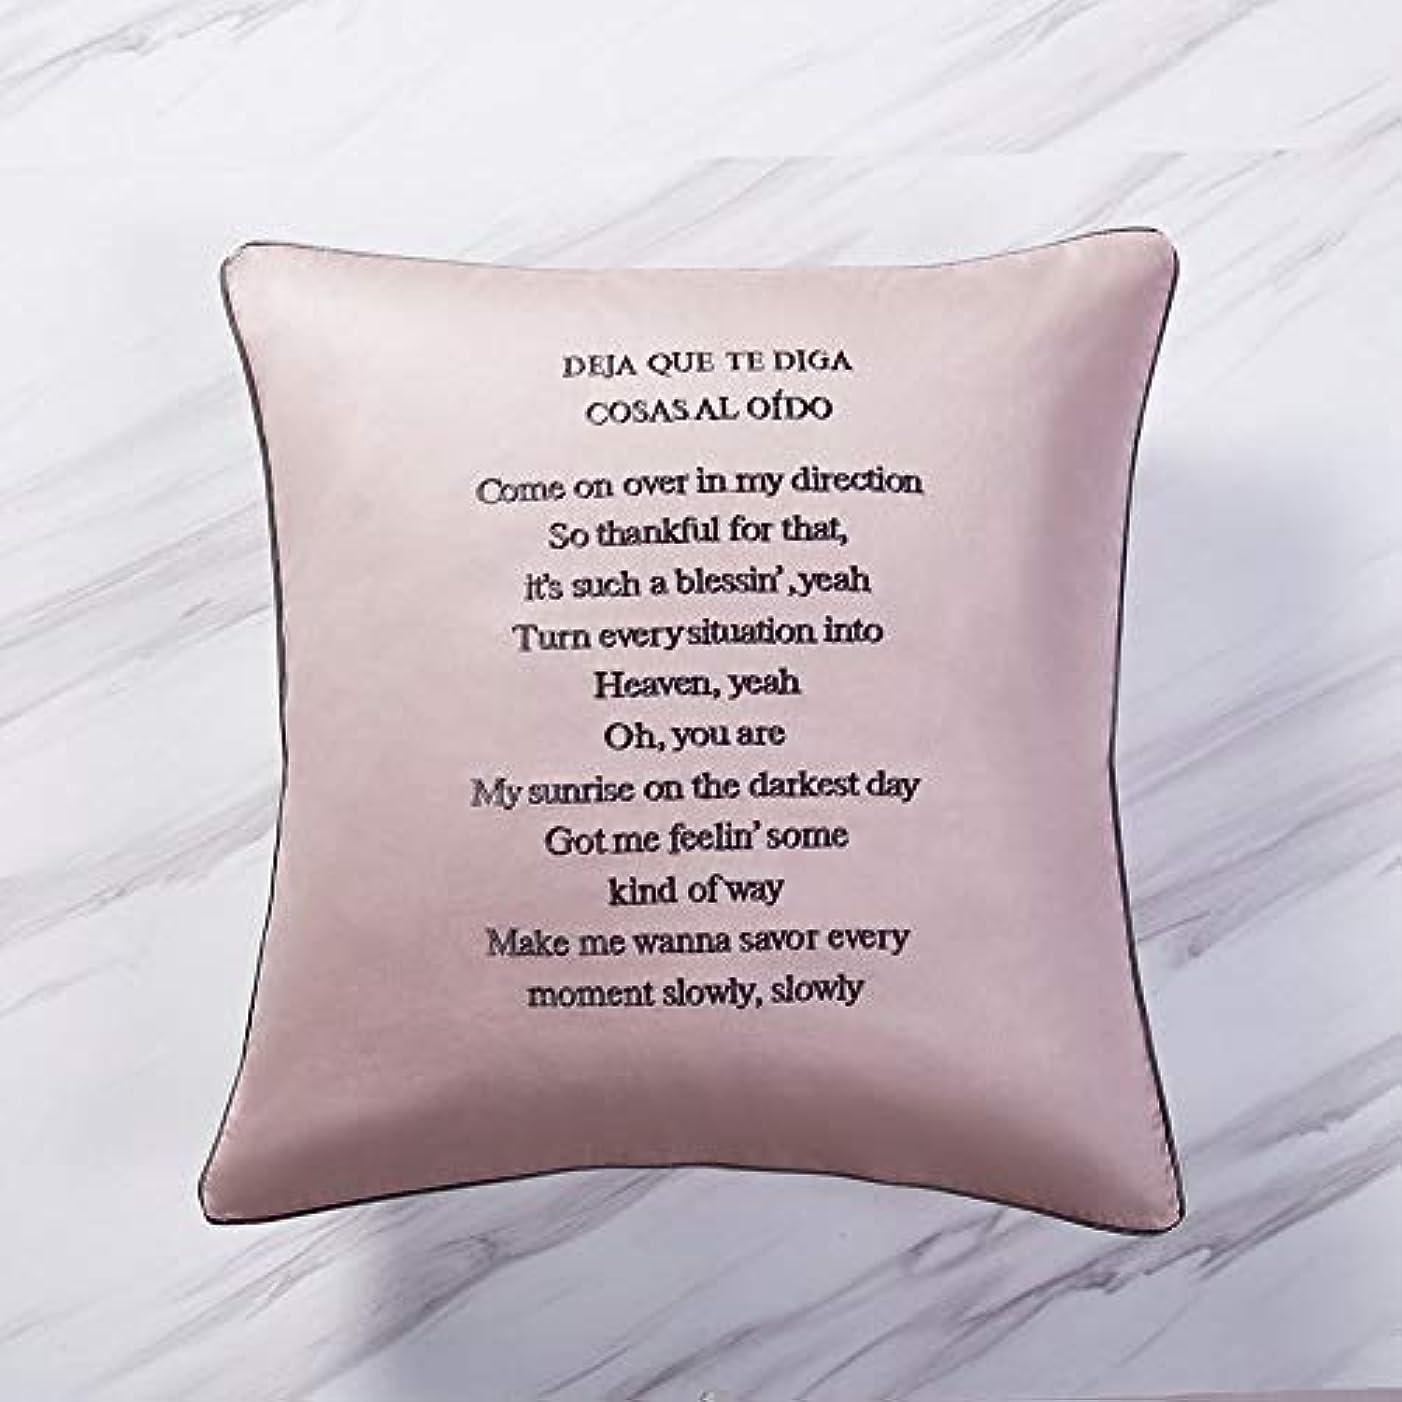 無限大騒ぎ軽腰枕 ロングステープルコットン刺繍入りレターピローコットンソファーベッドbyウエストクッションピローケース付きコア (色 : Cream powder, Size : 45*45cm)